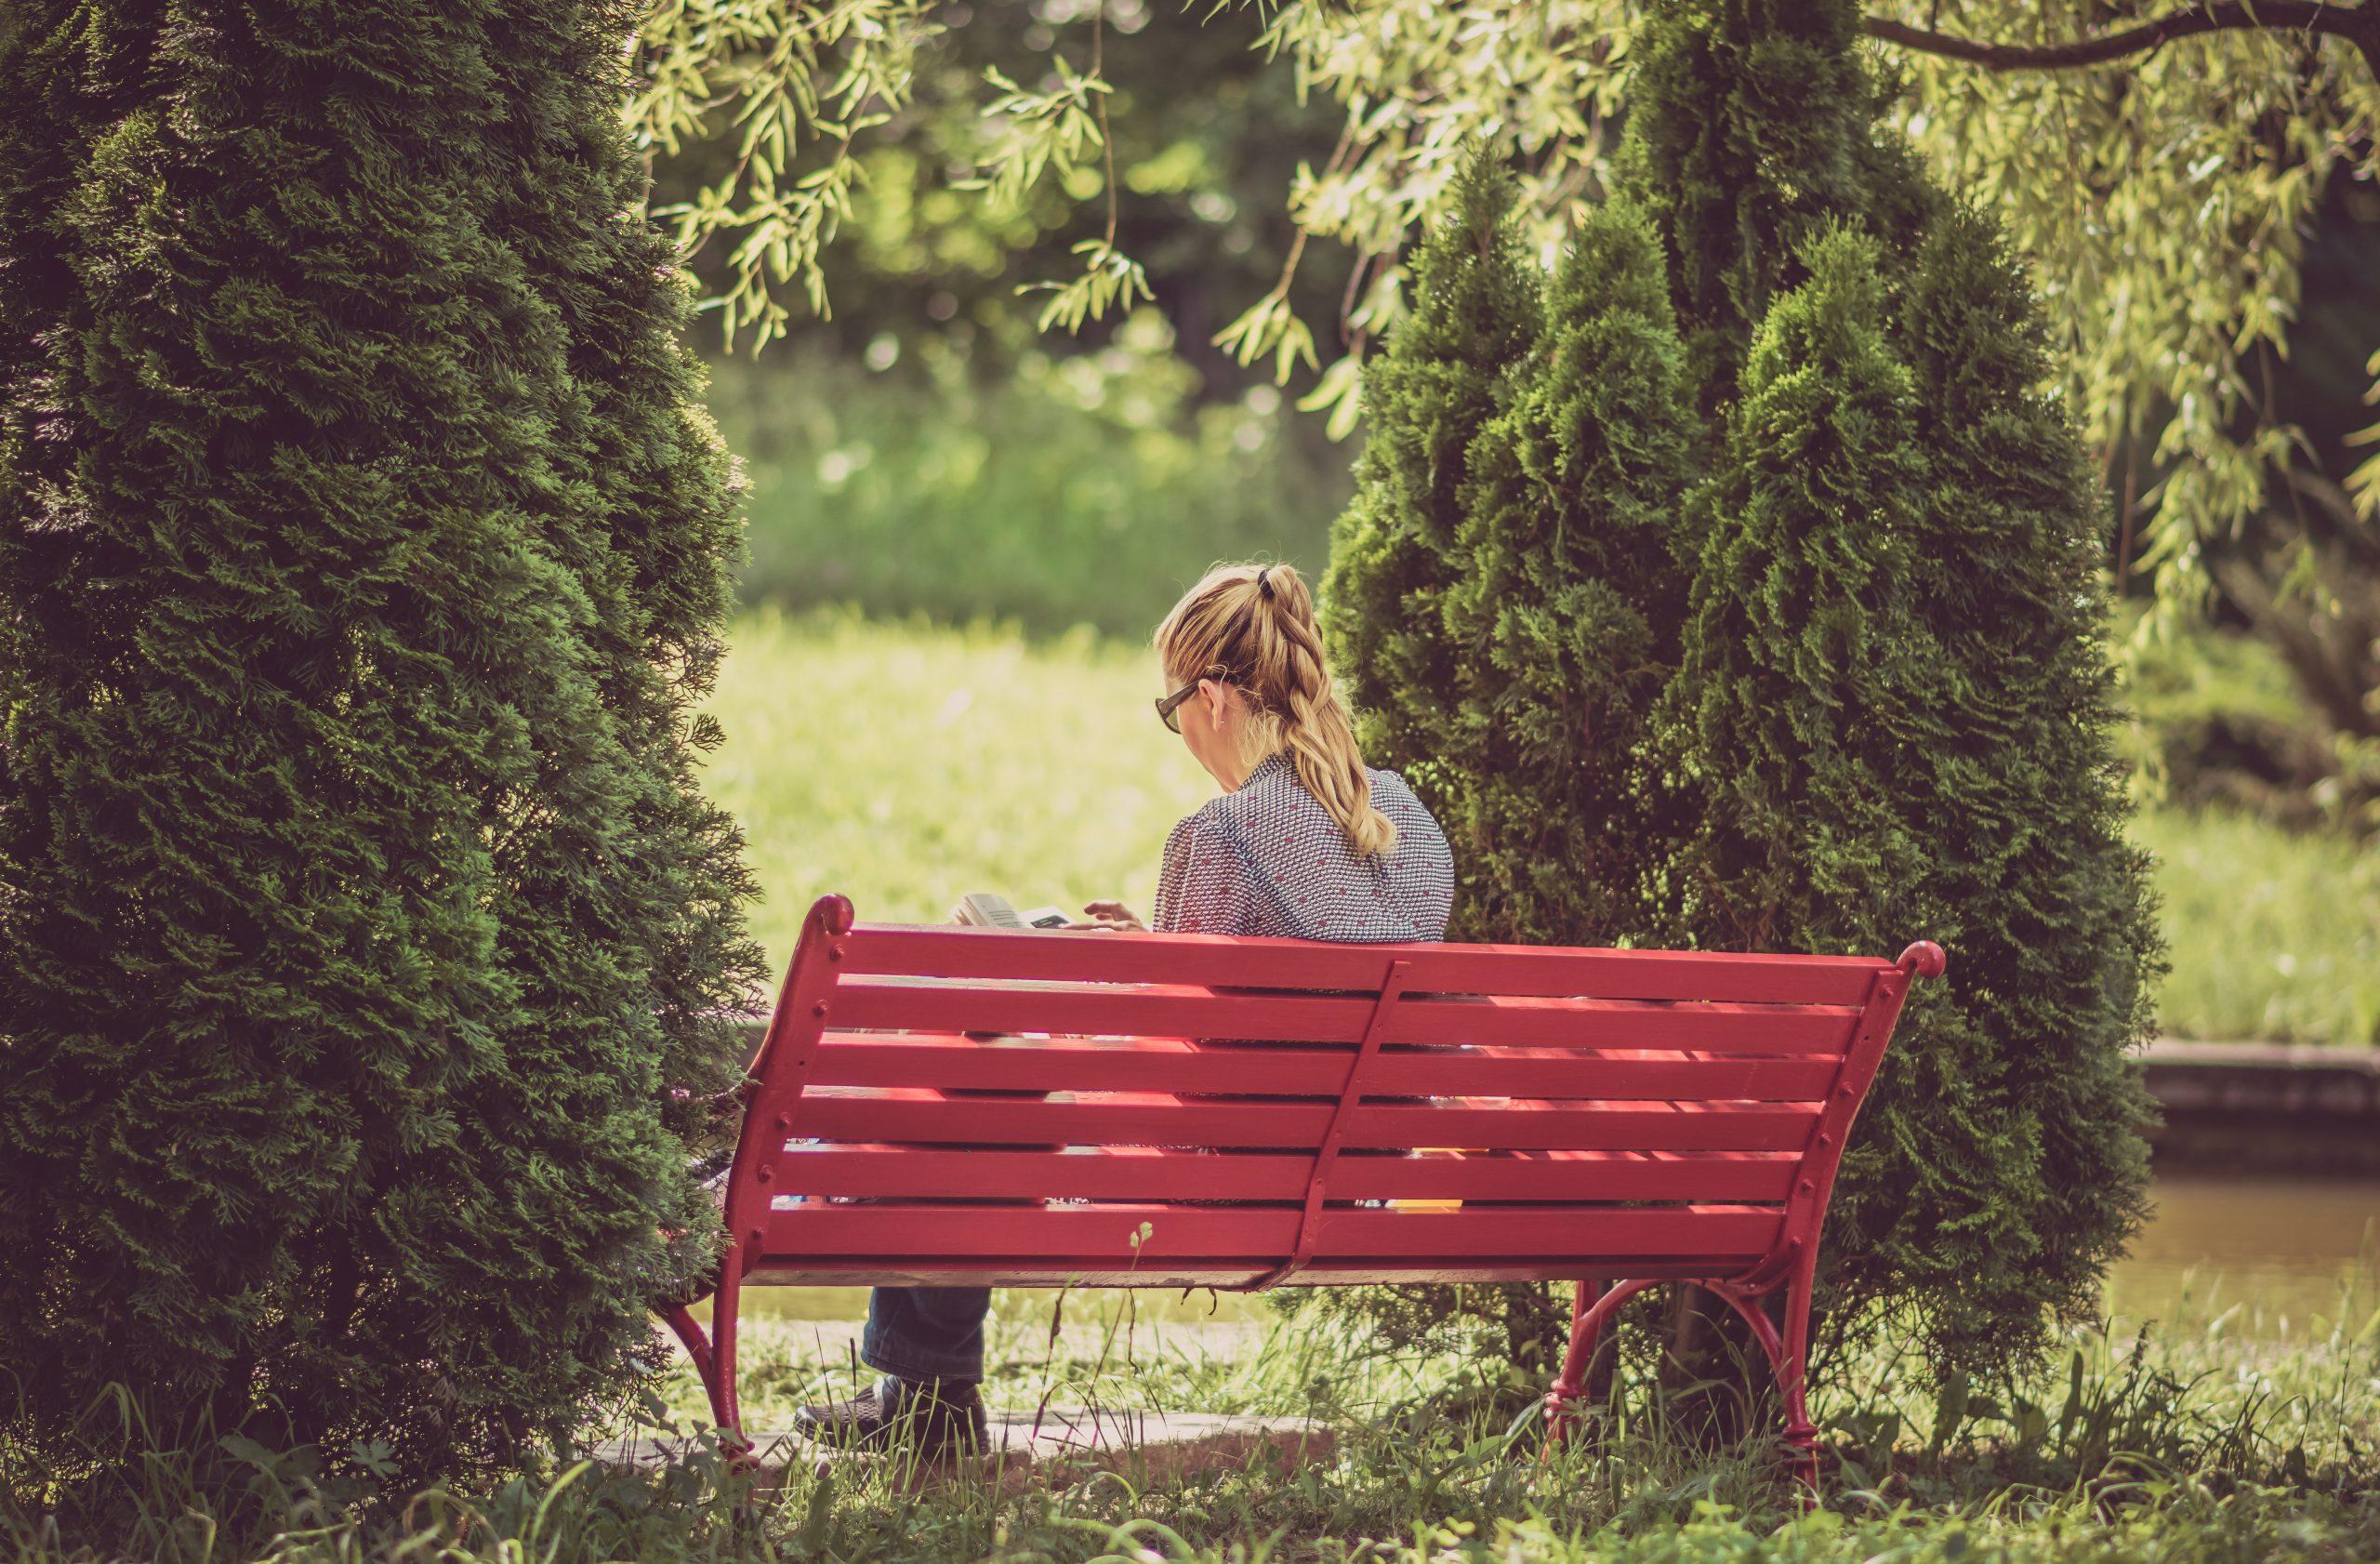 Kvinna sitter och läser på bänk i naturen